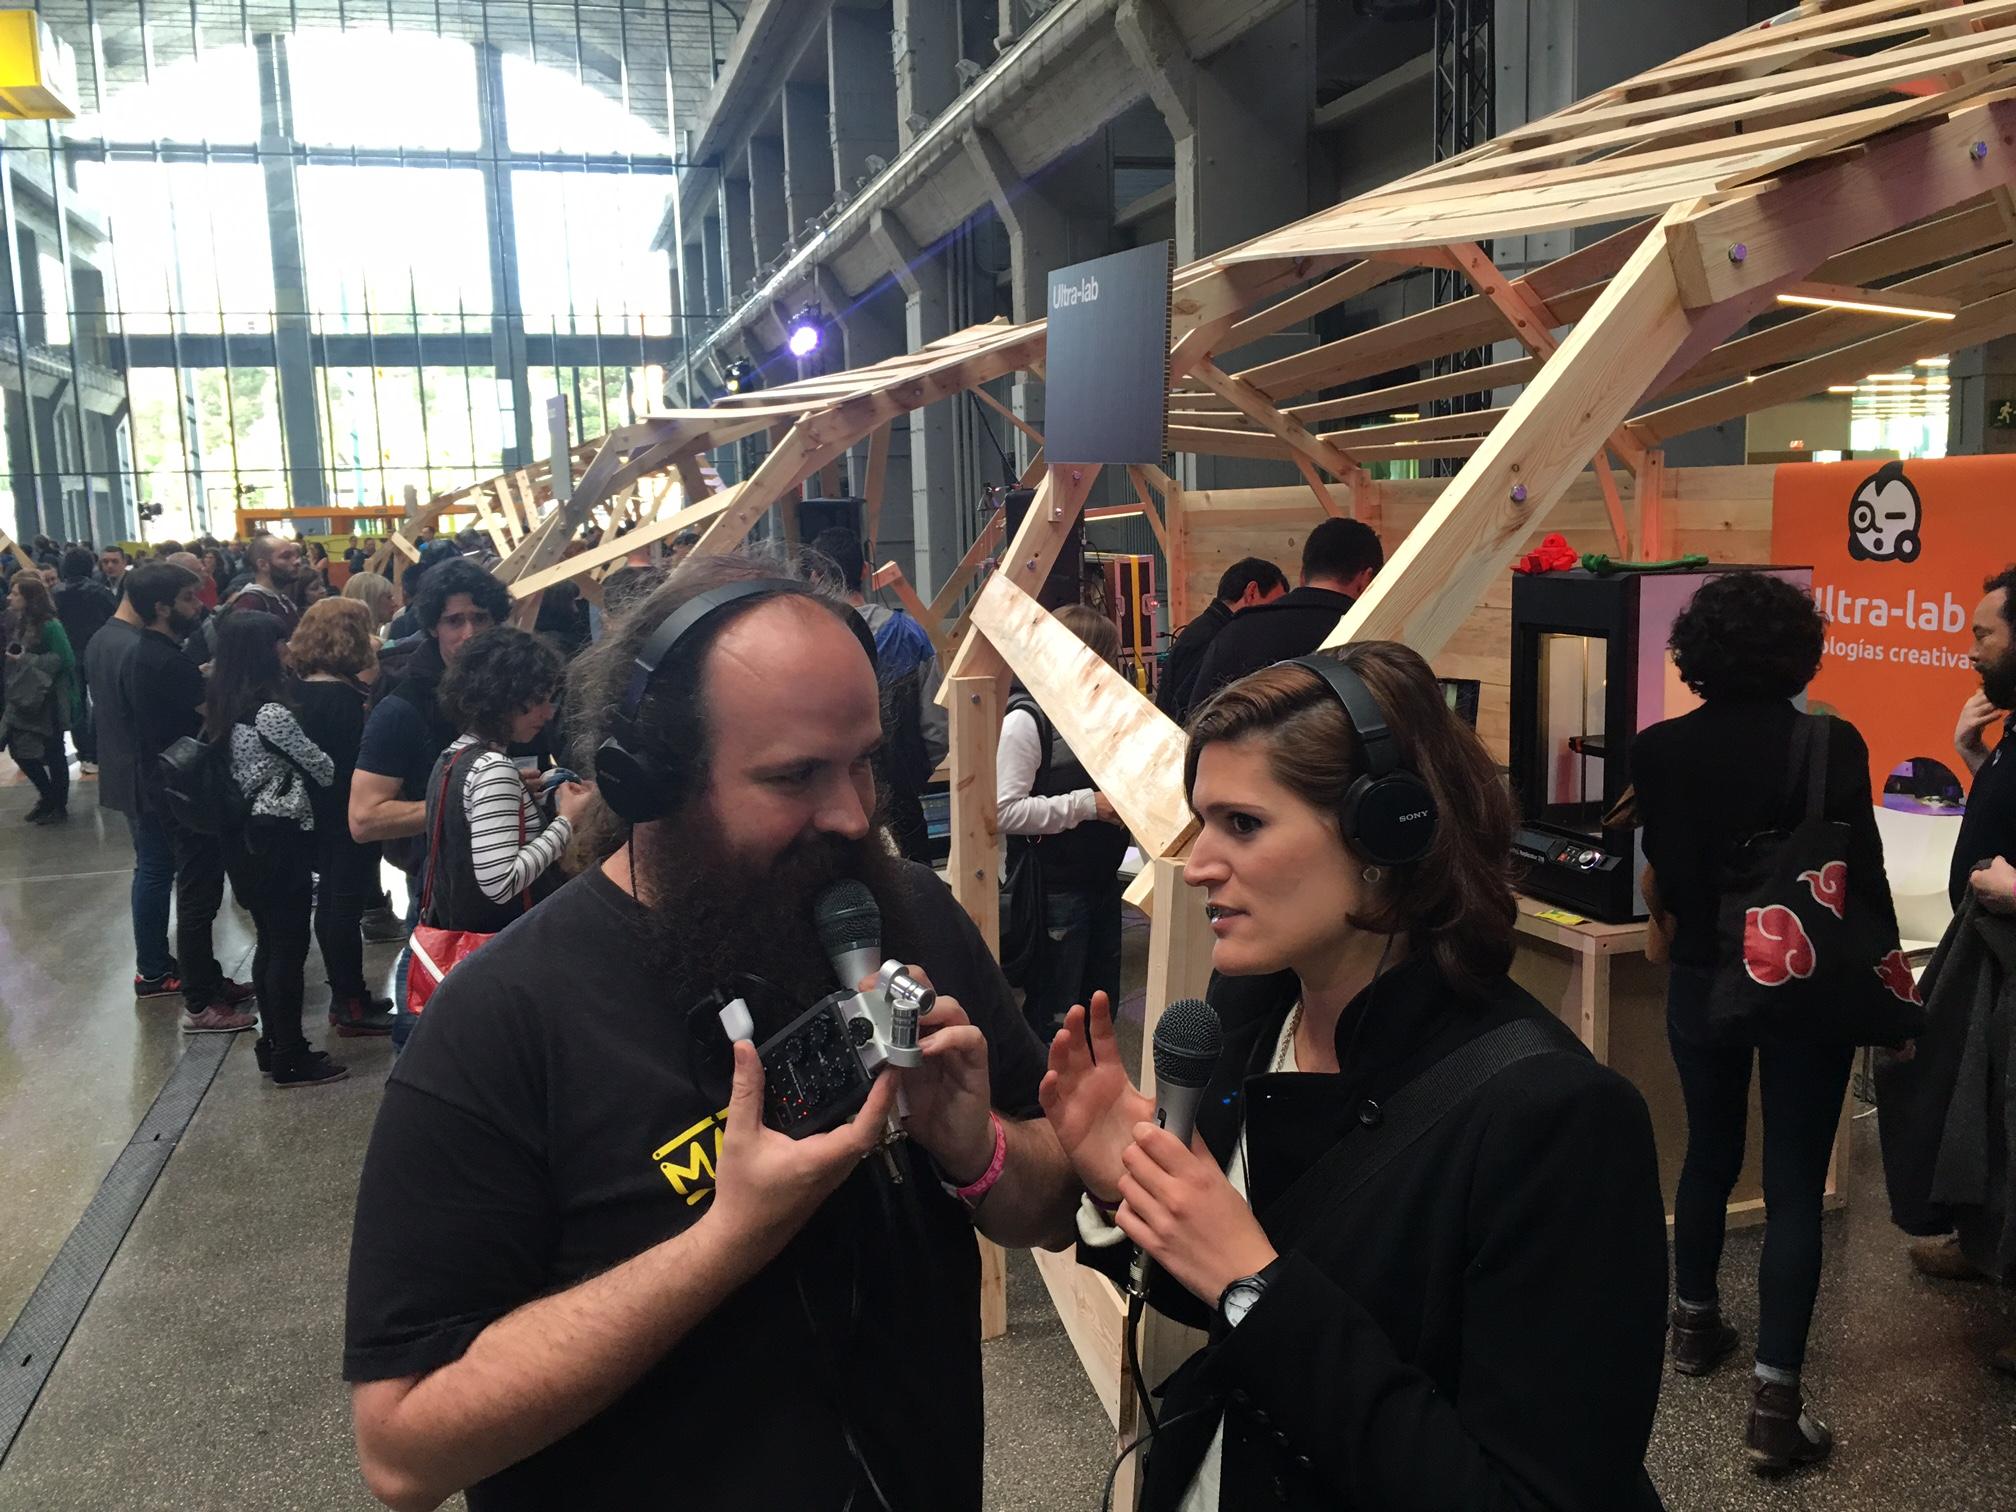 Entrevistando a Mila de la ResidenciaCC durante el evento Impredible01 organizado por Sonar+D y COTEC